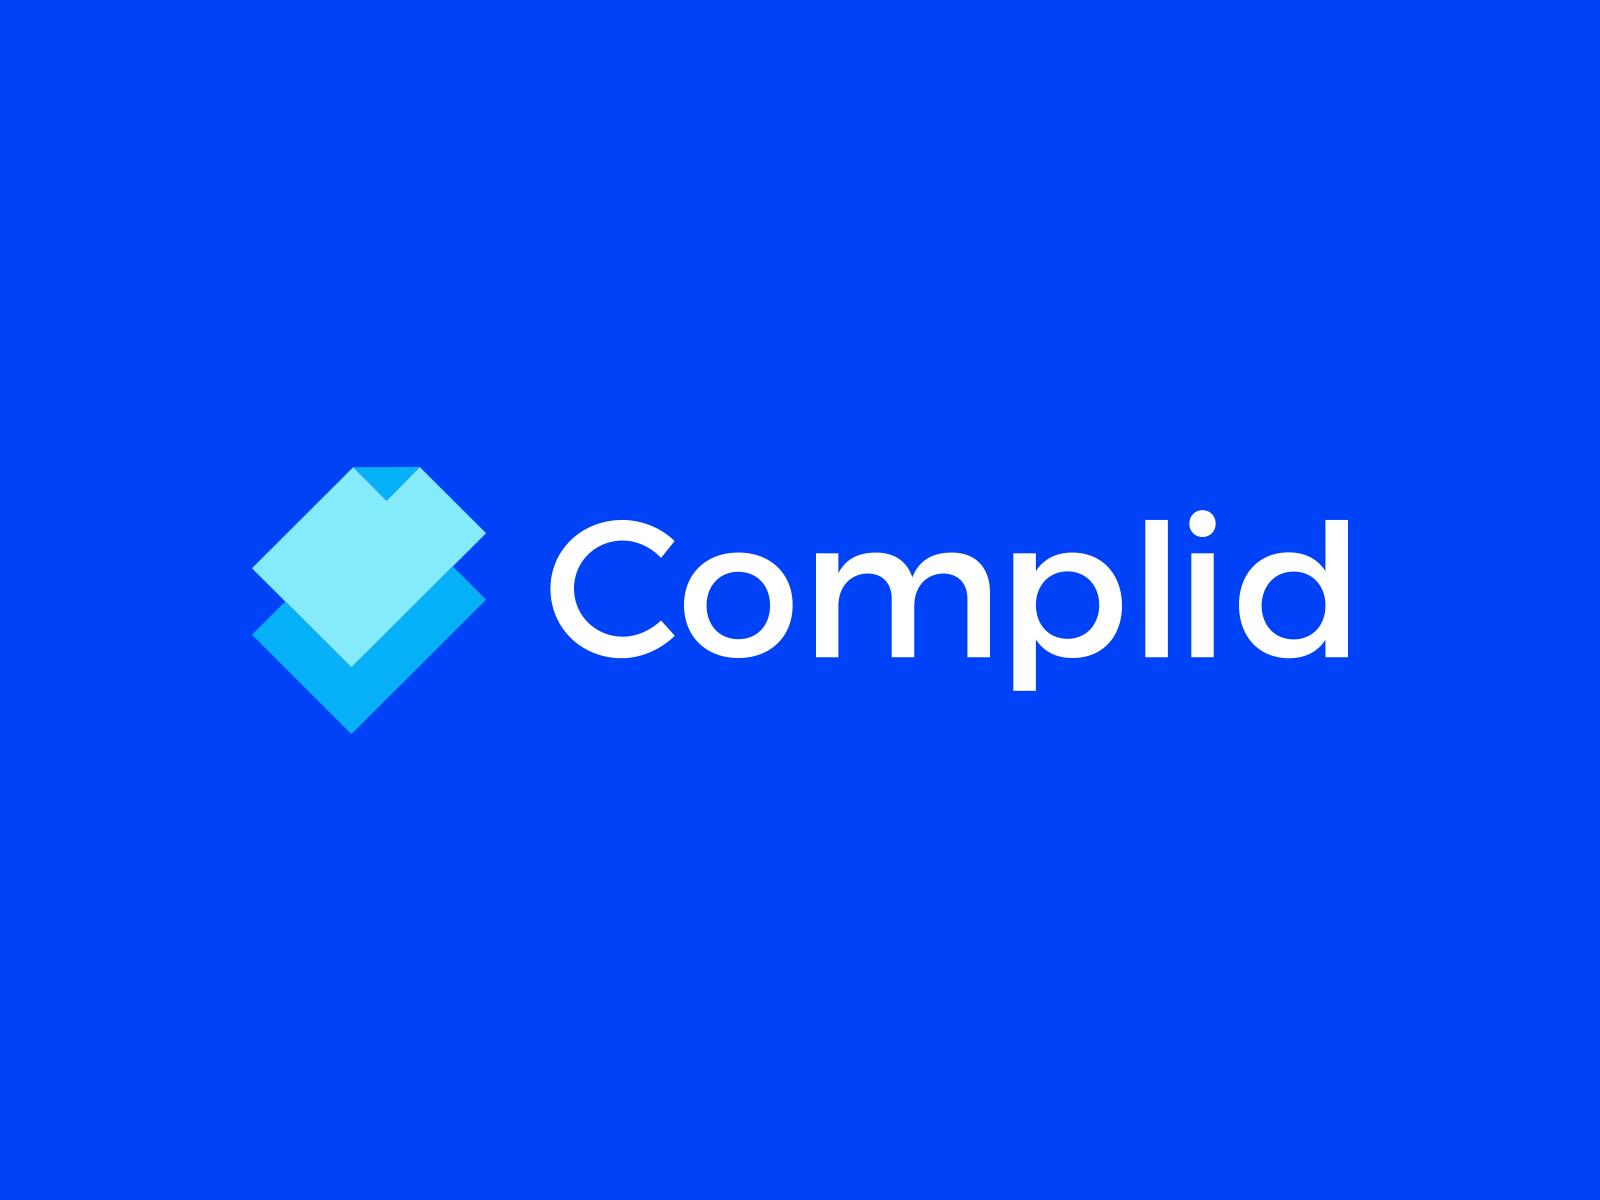 Complid Logo Design